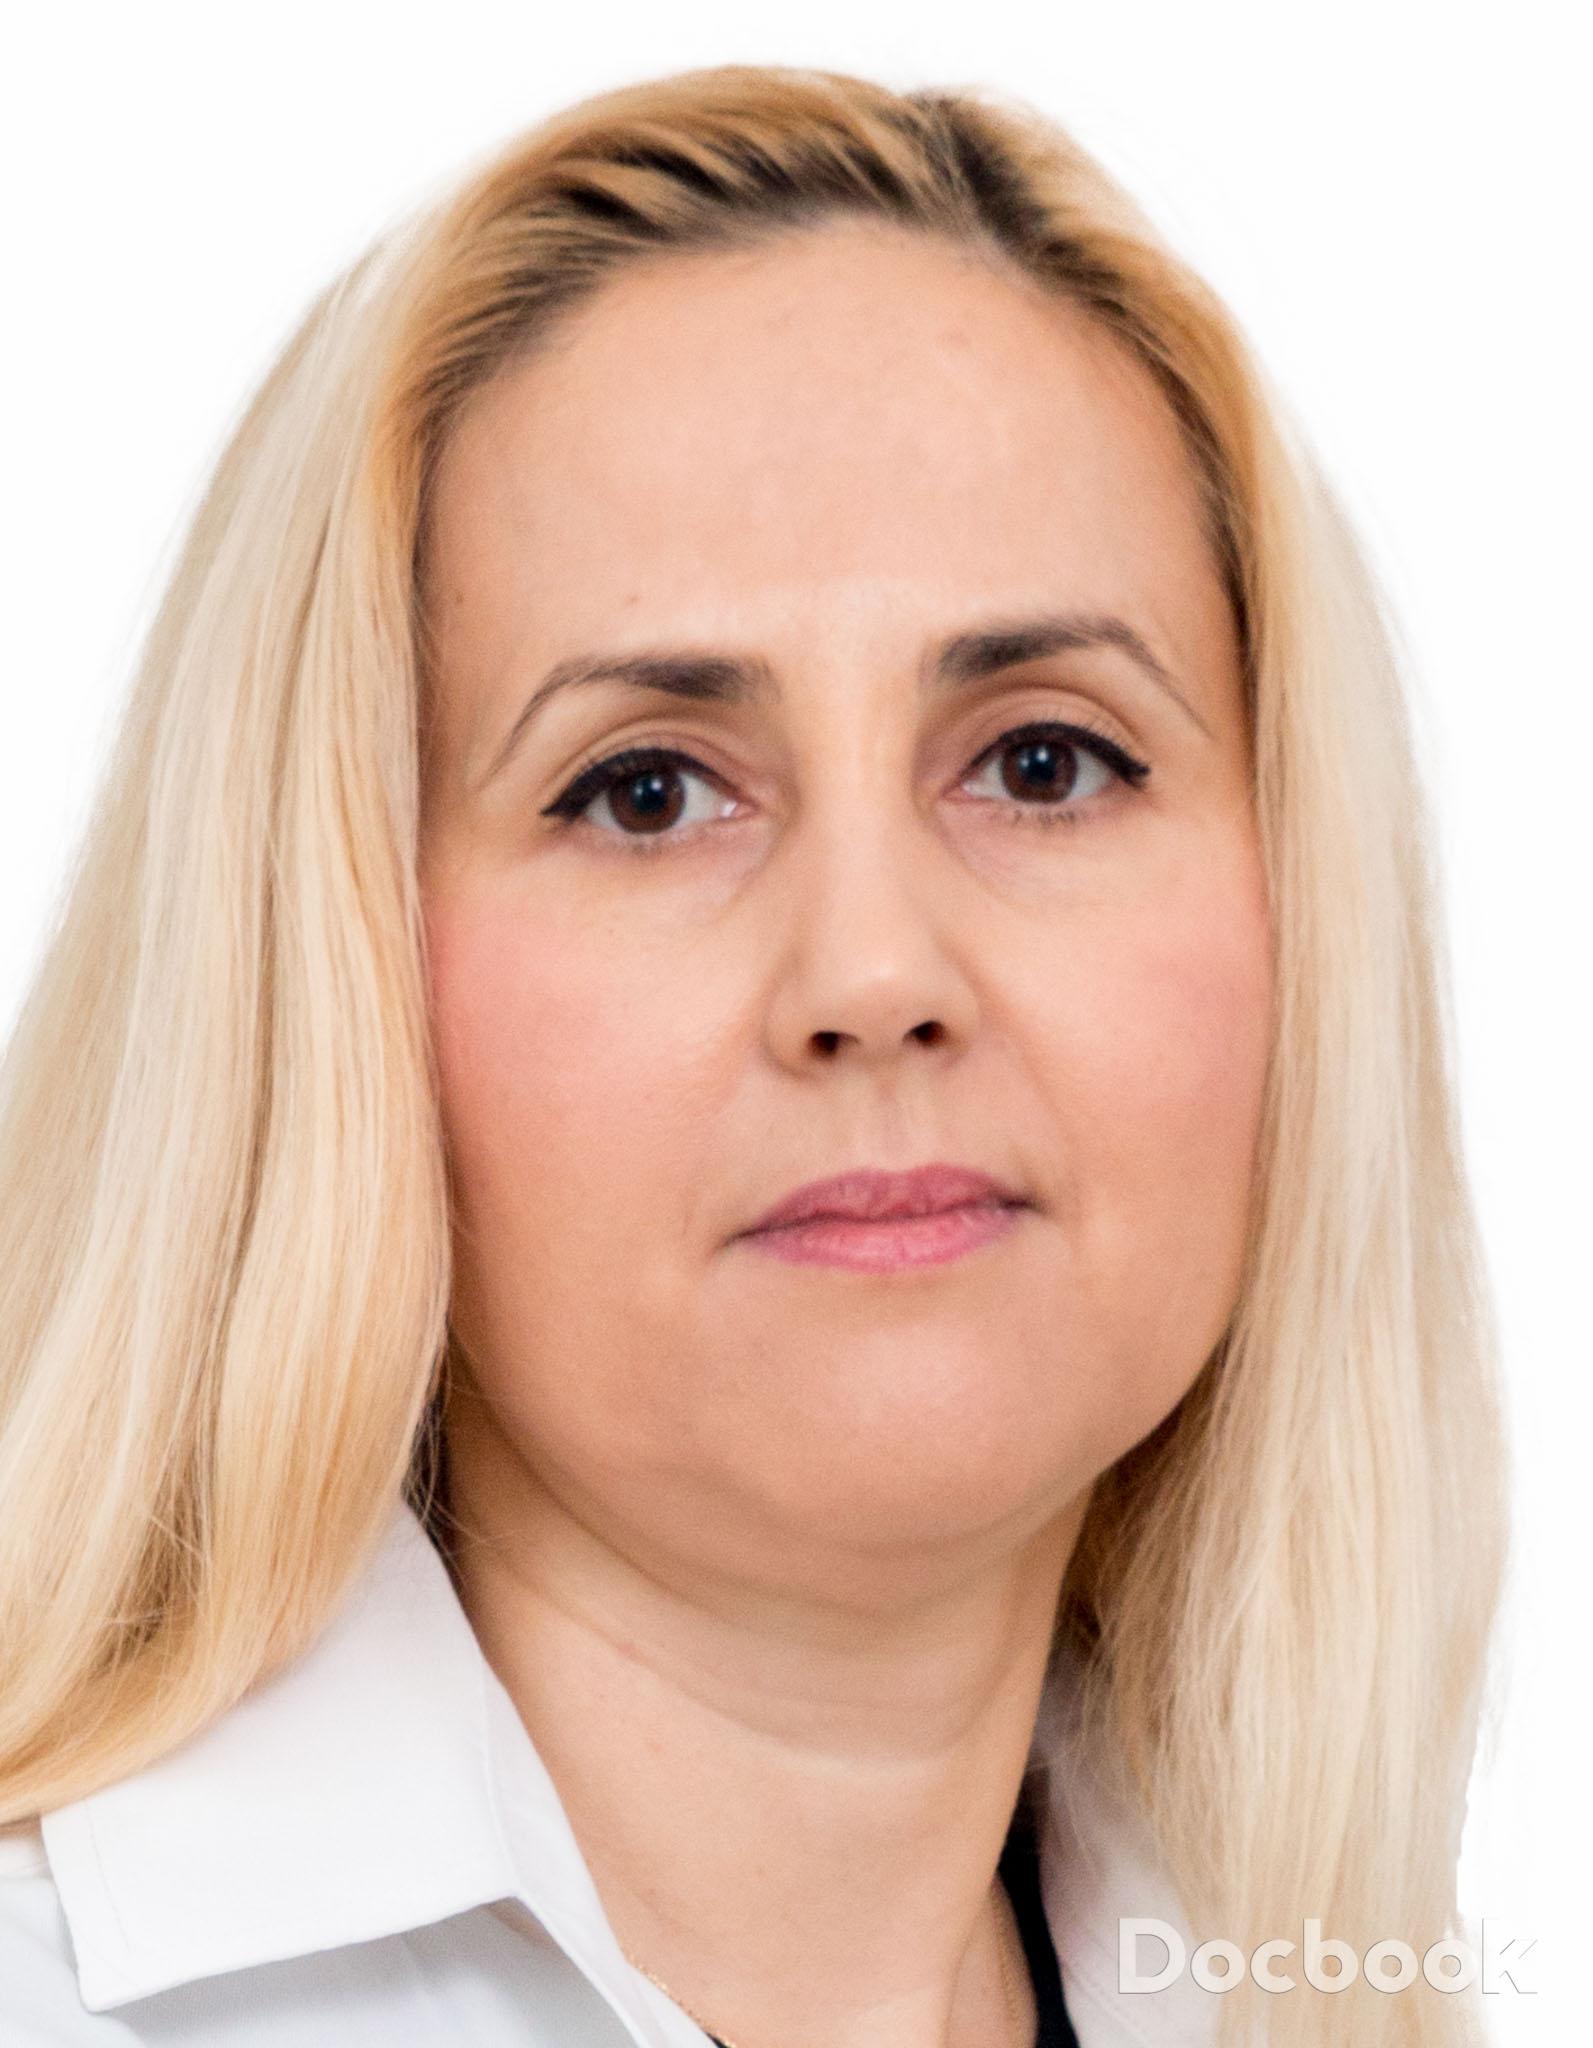 Dr. Ionica Radulescu